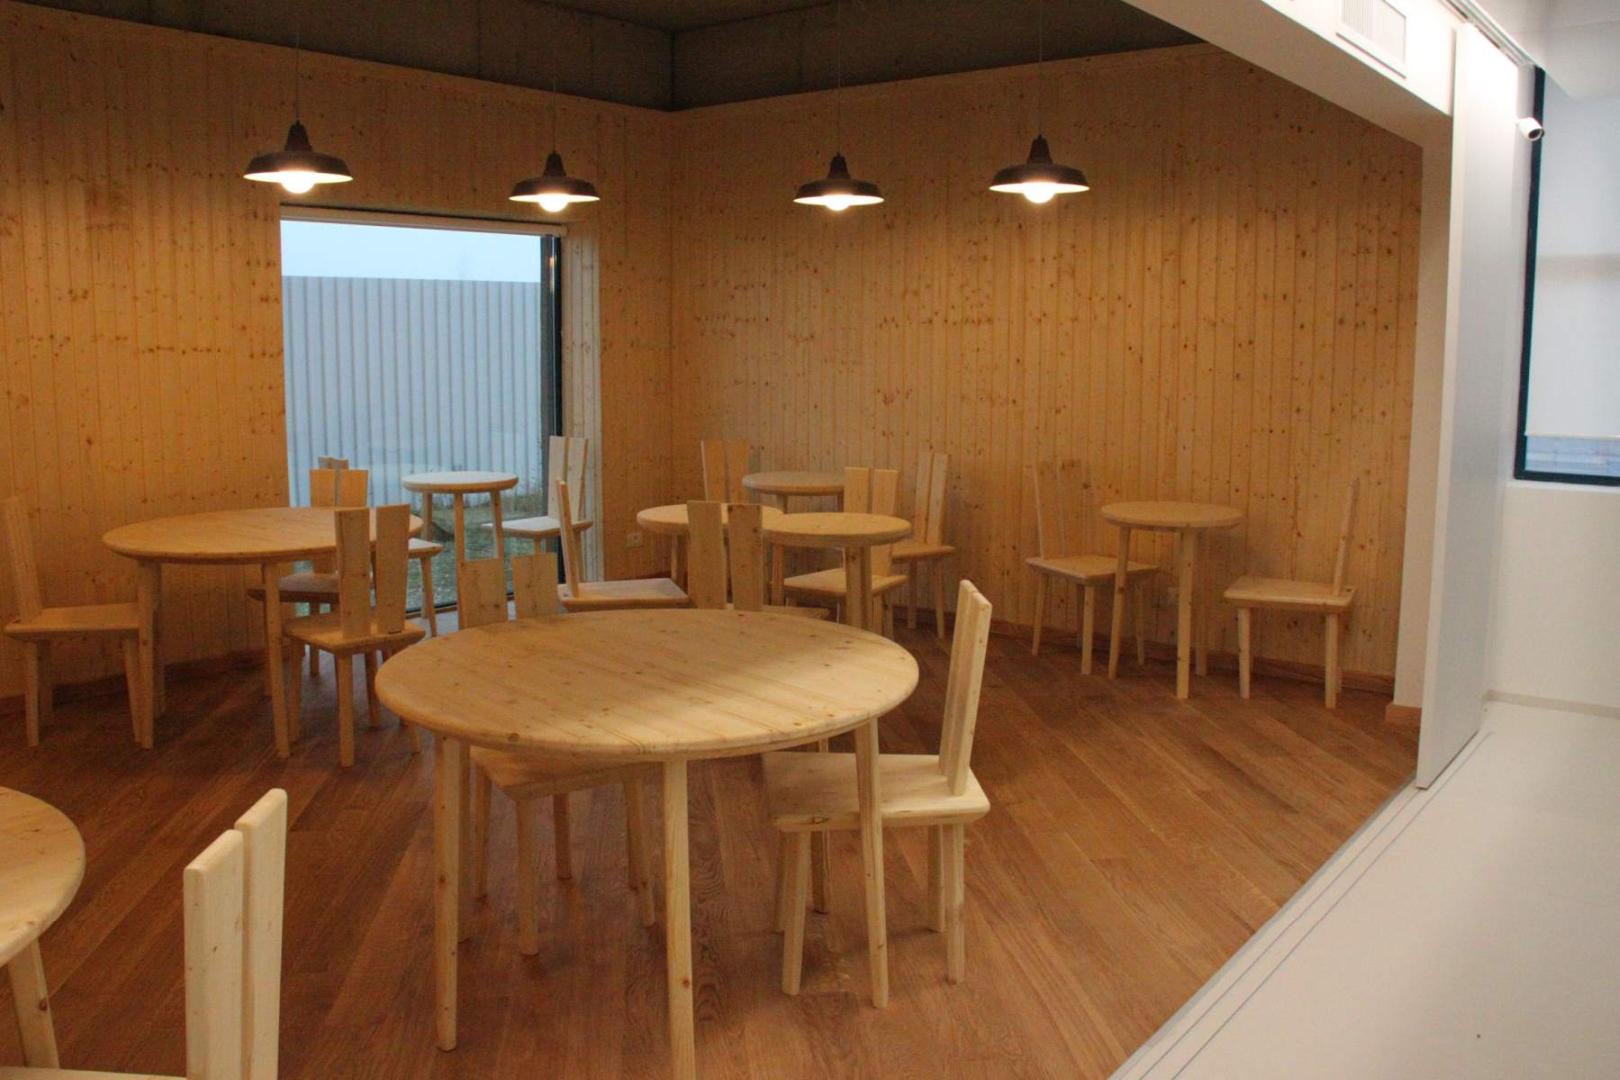 Art cafe mobilier horeca cafenea -lacari lemn masiv furnir bar scaune mese047